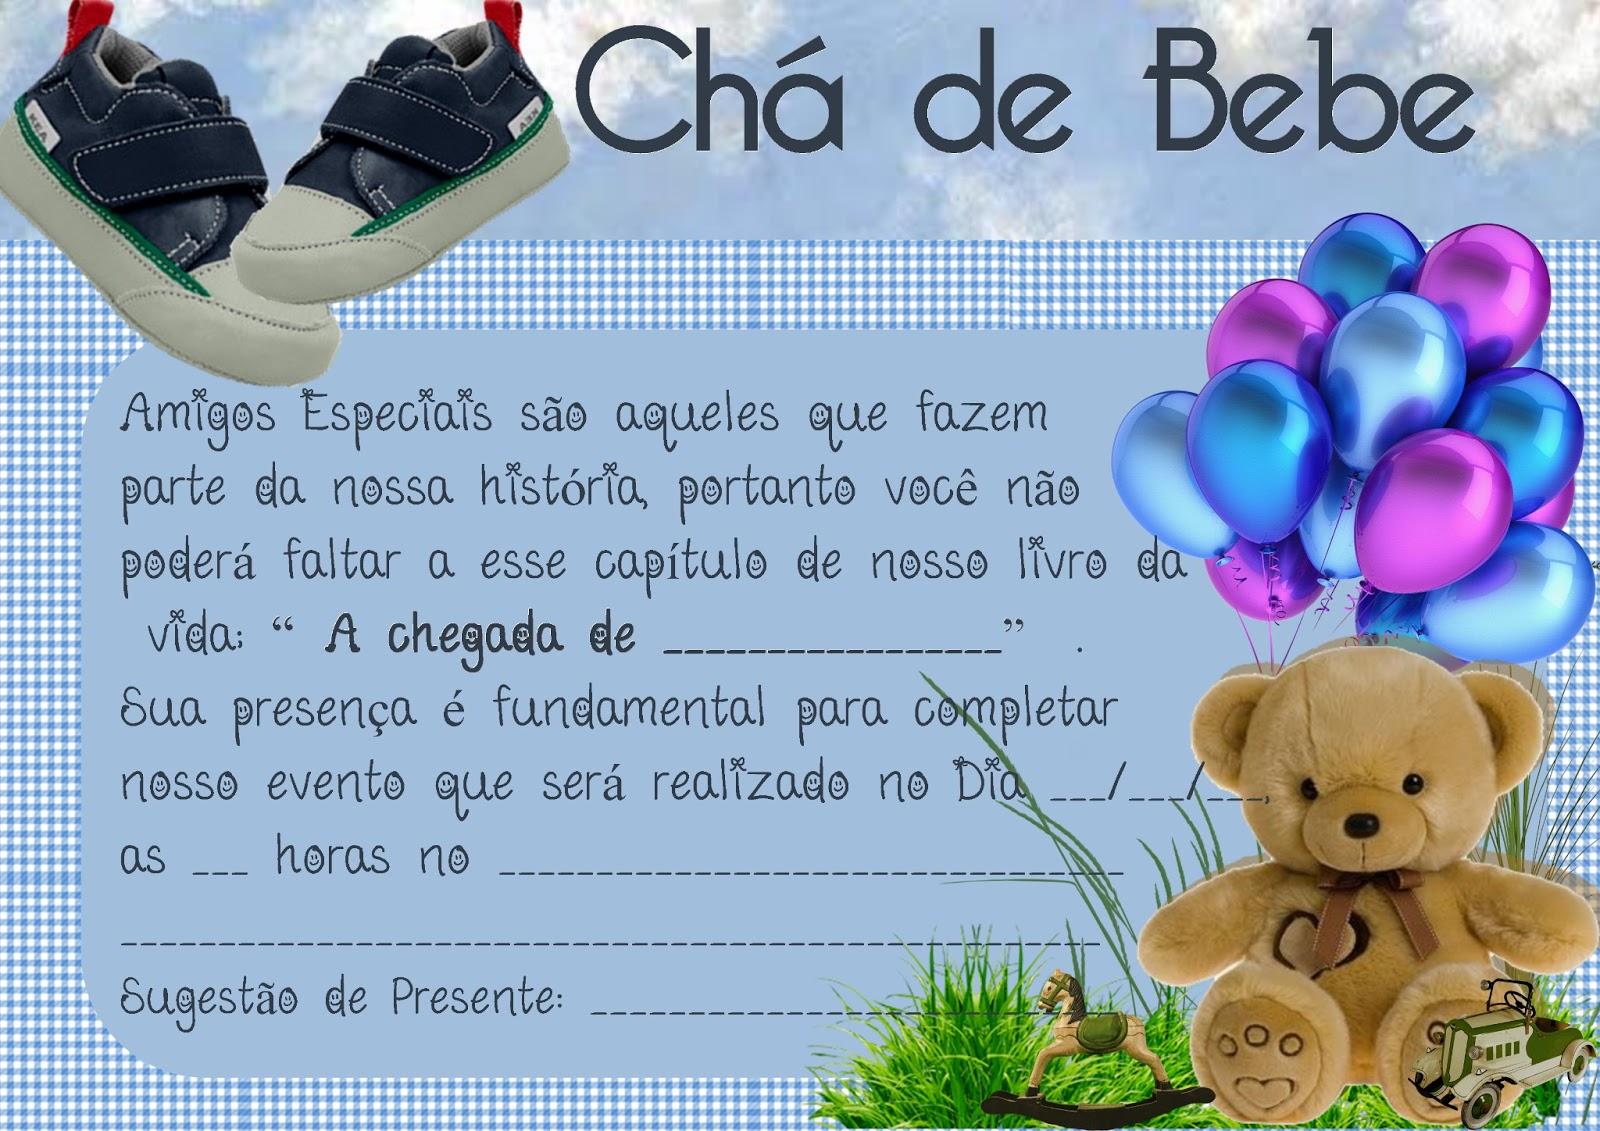 Kaxa Da Arte Convite Chá De Bebe Cha De Fralda Gratis Para